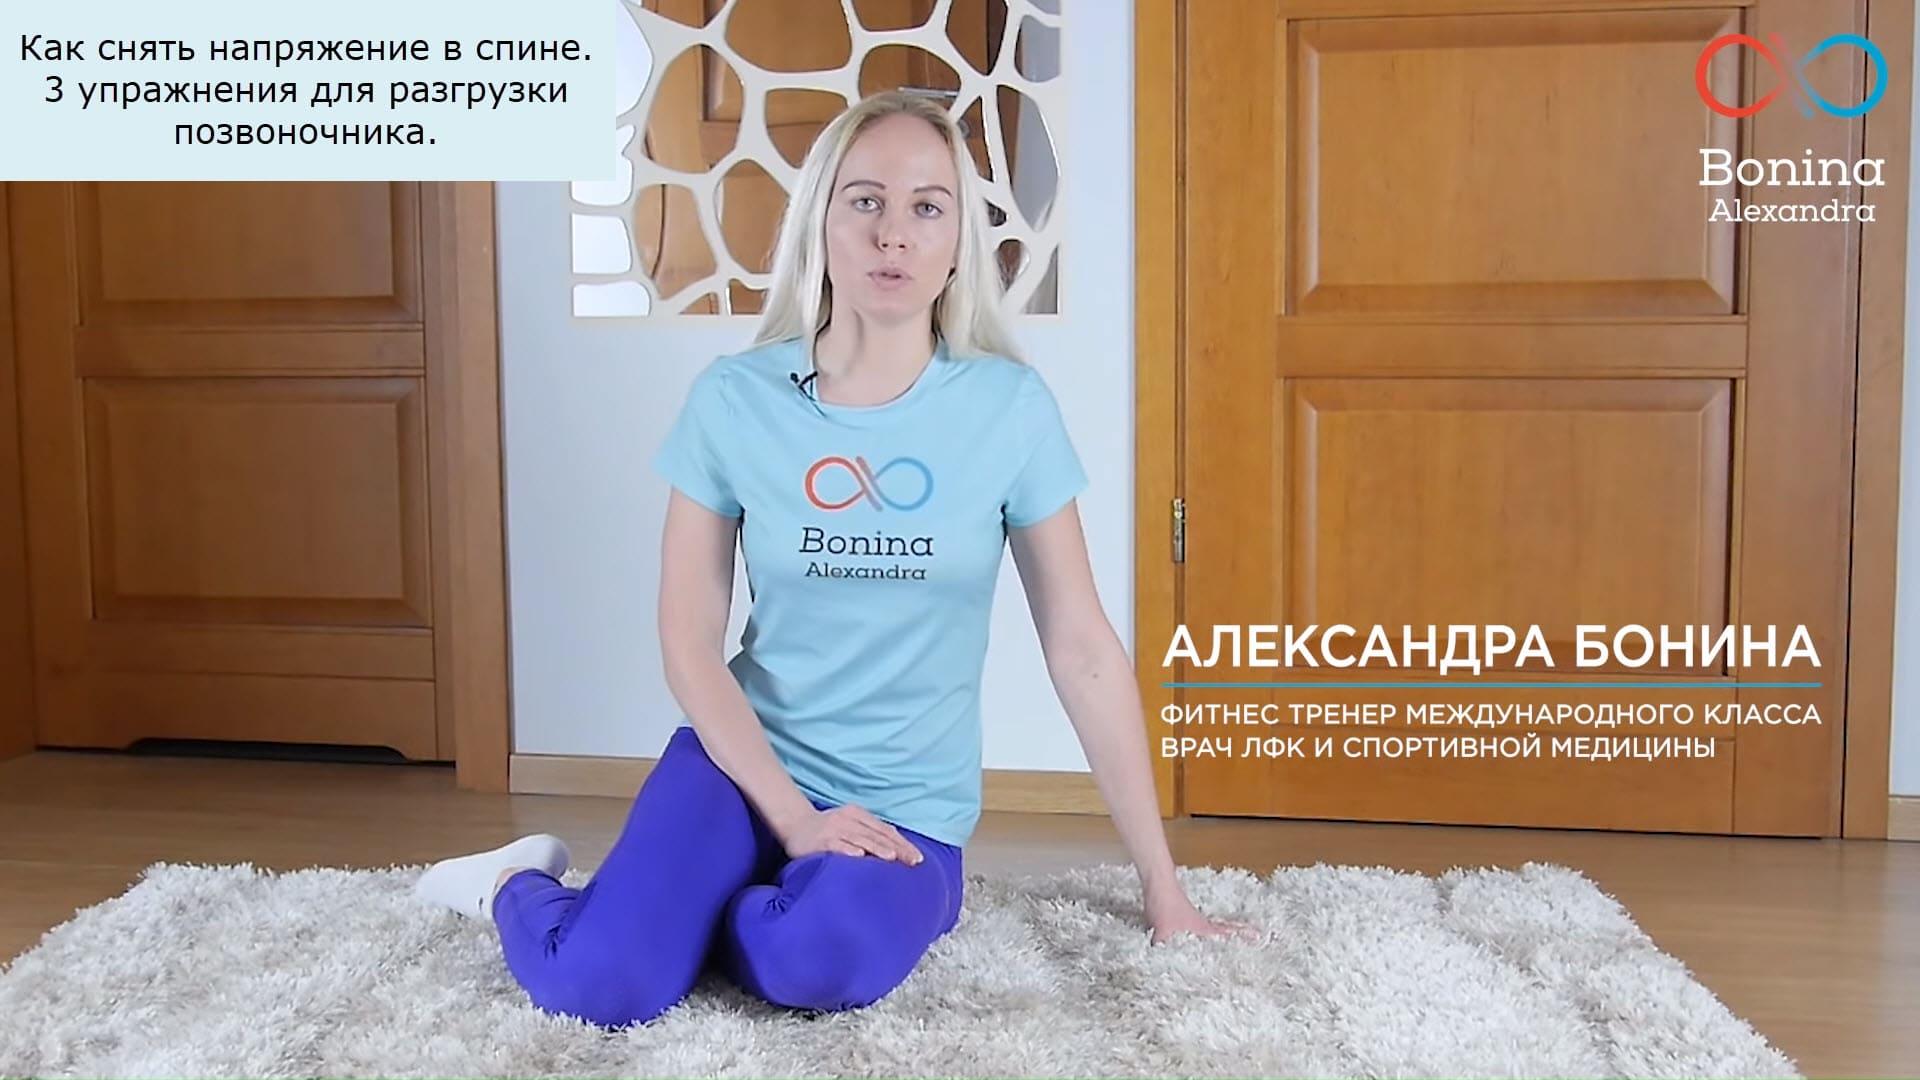 Александра Бонина. Как снять напряжение в спине. 3 упражнения для разгрузки позвоночника.